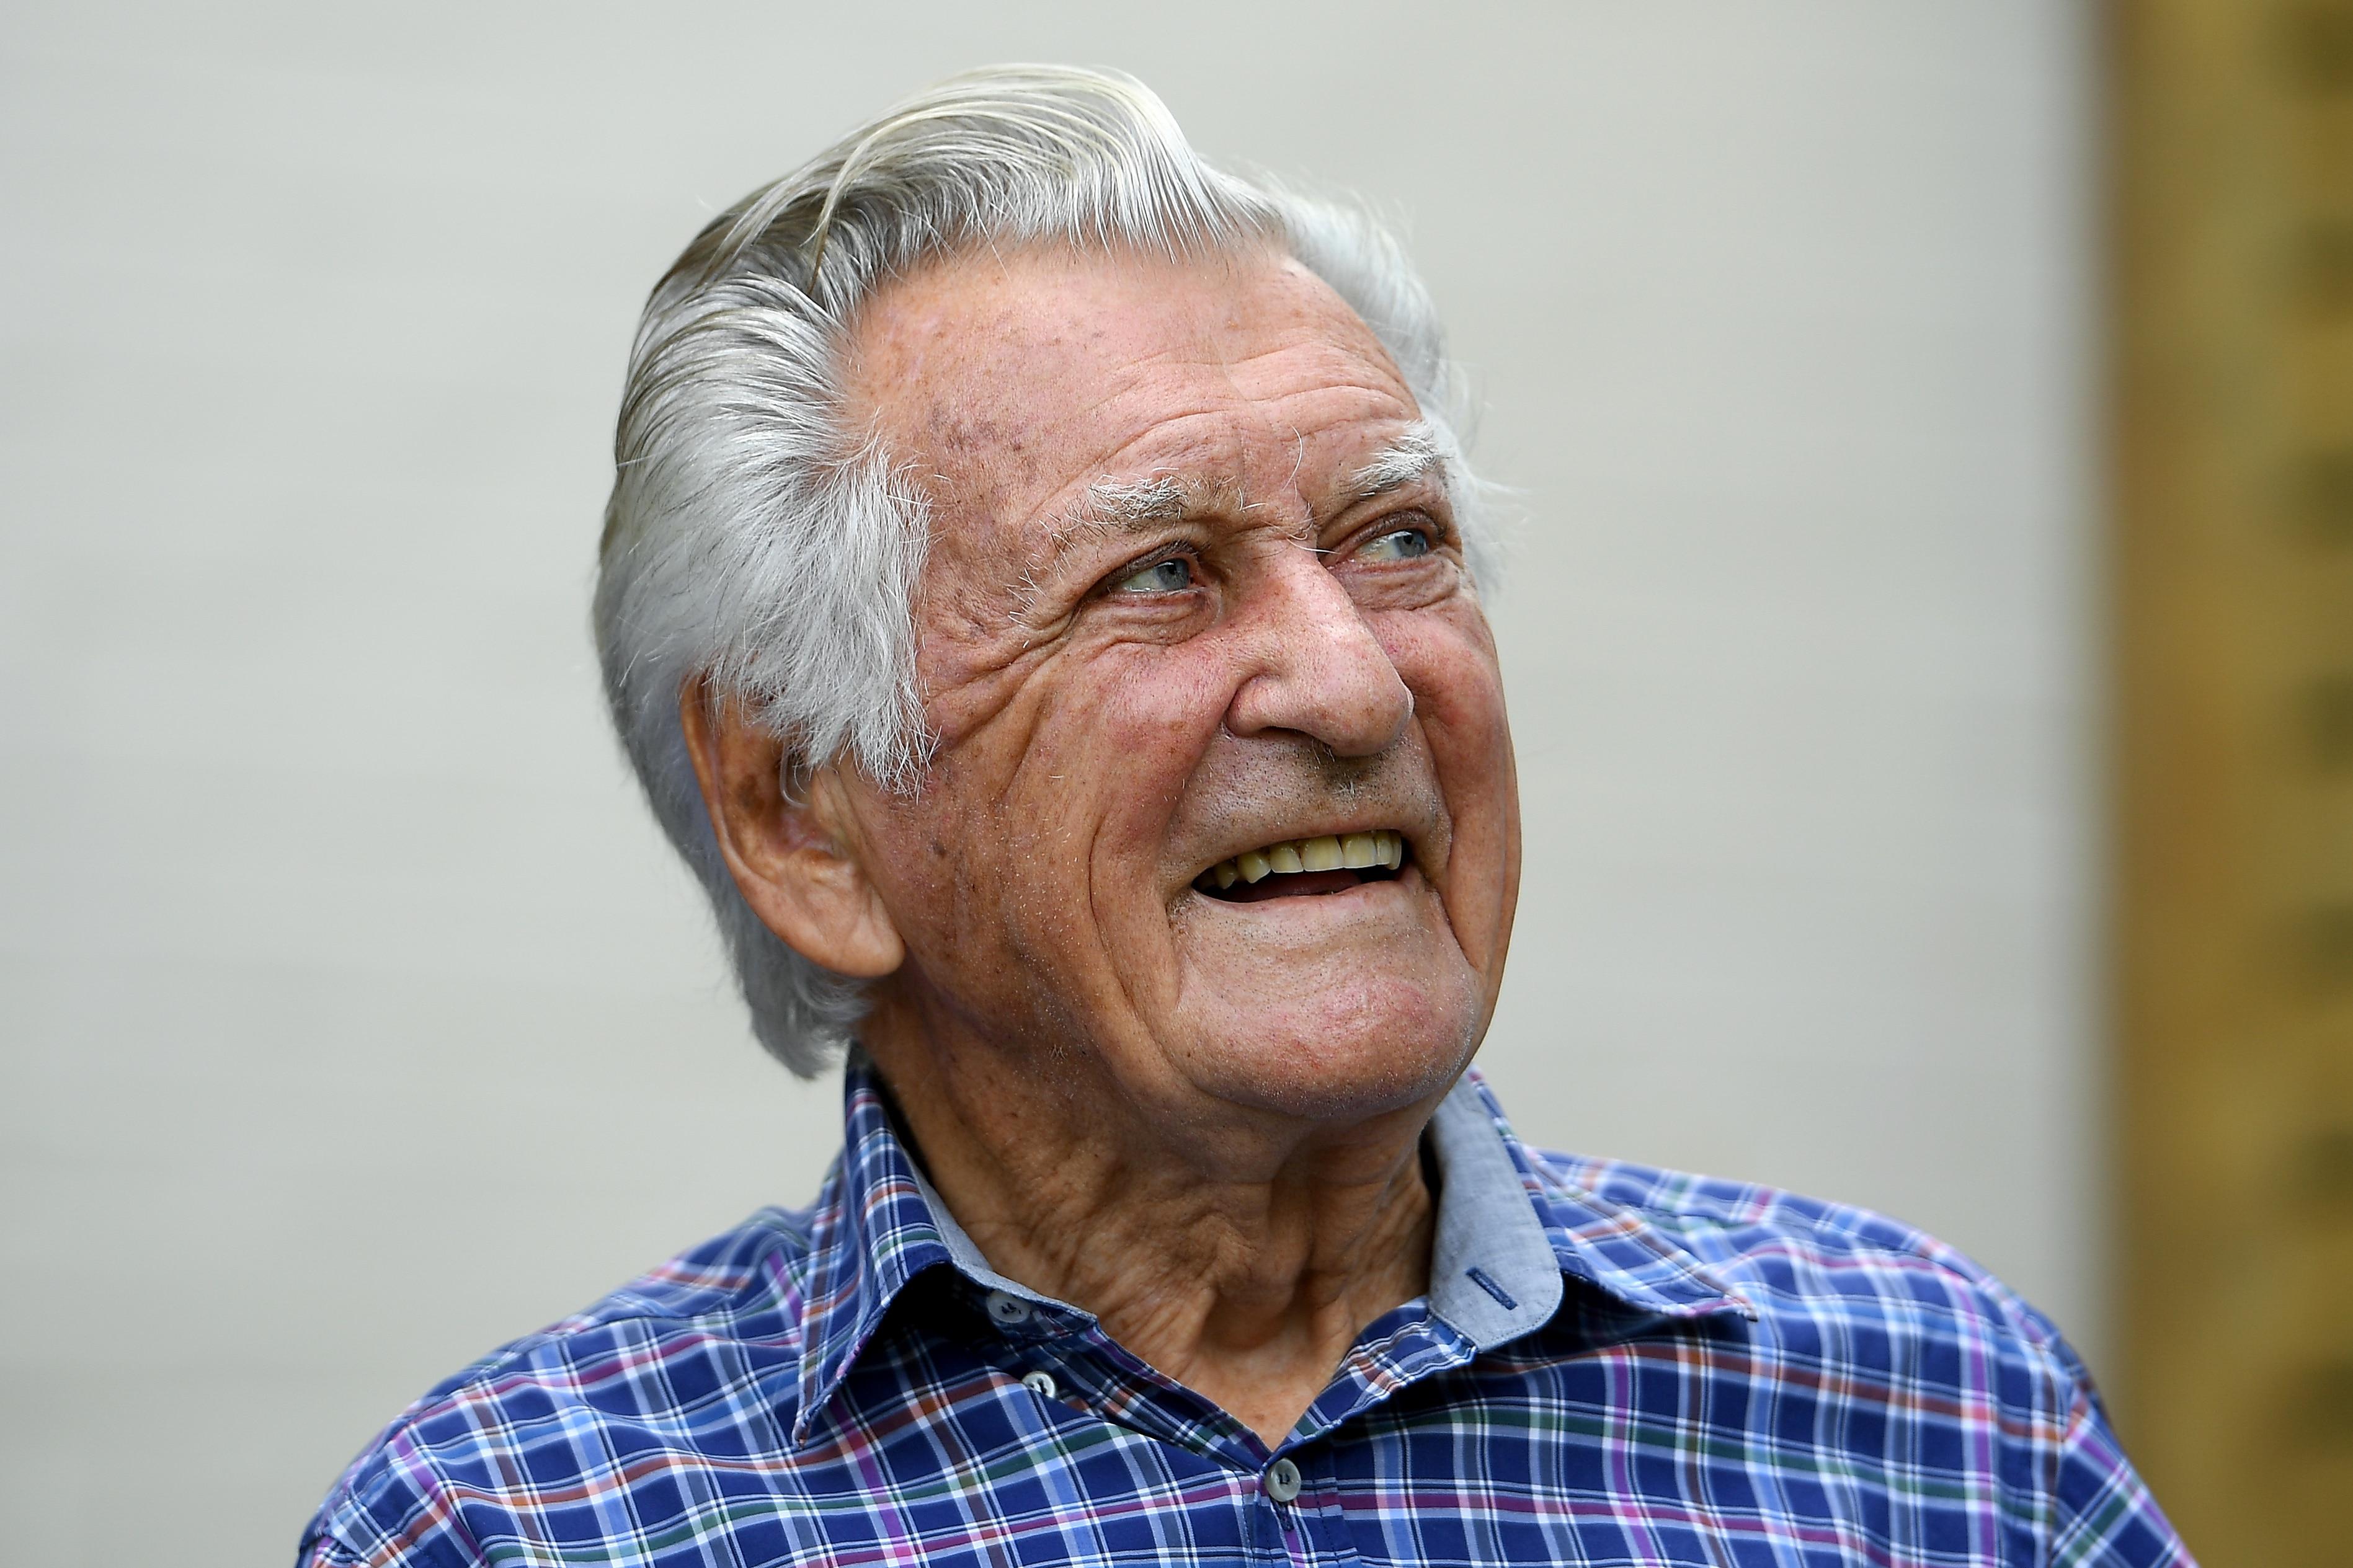 Bob Hawke on his 88th birthday.